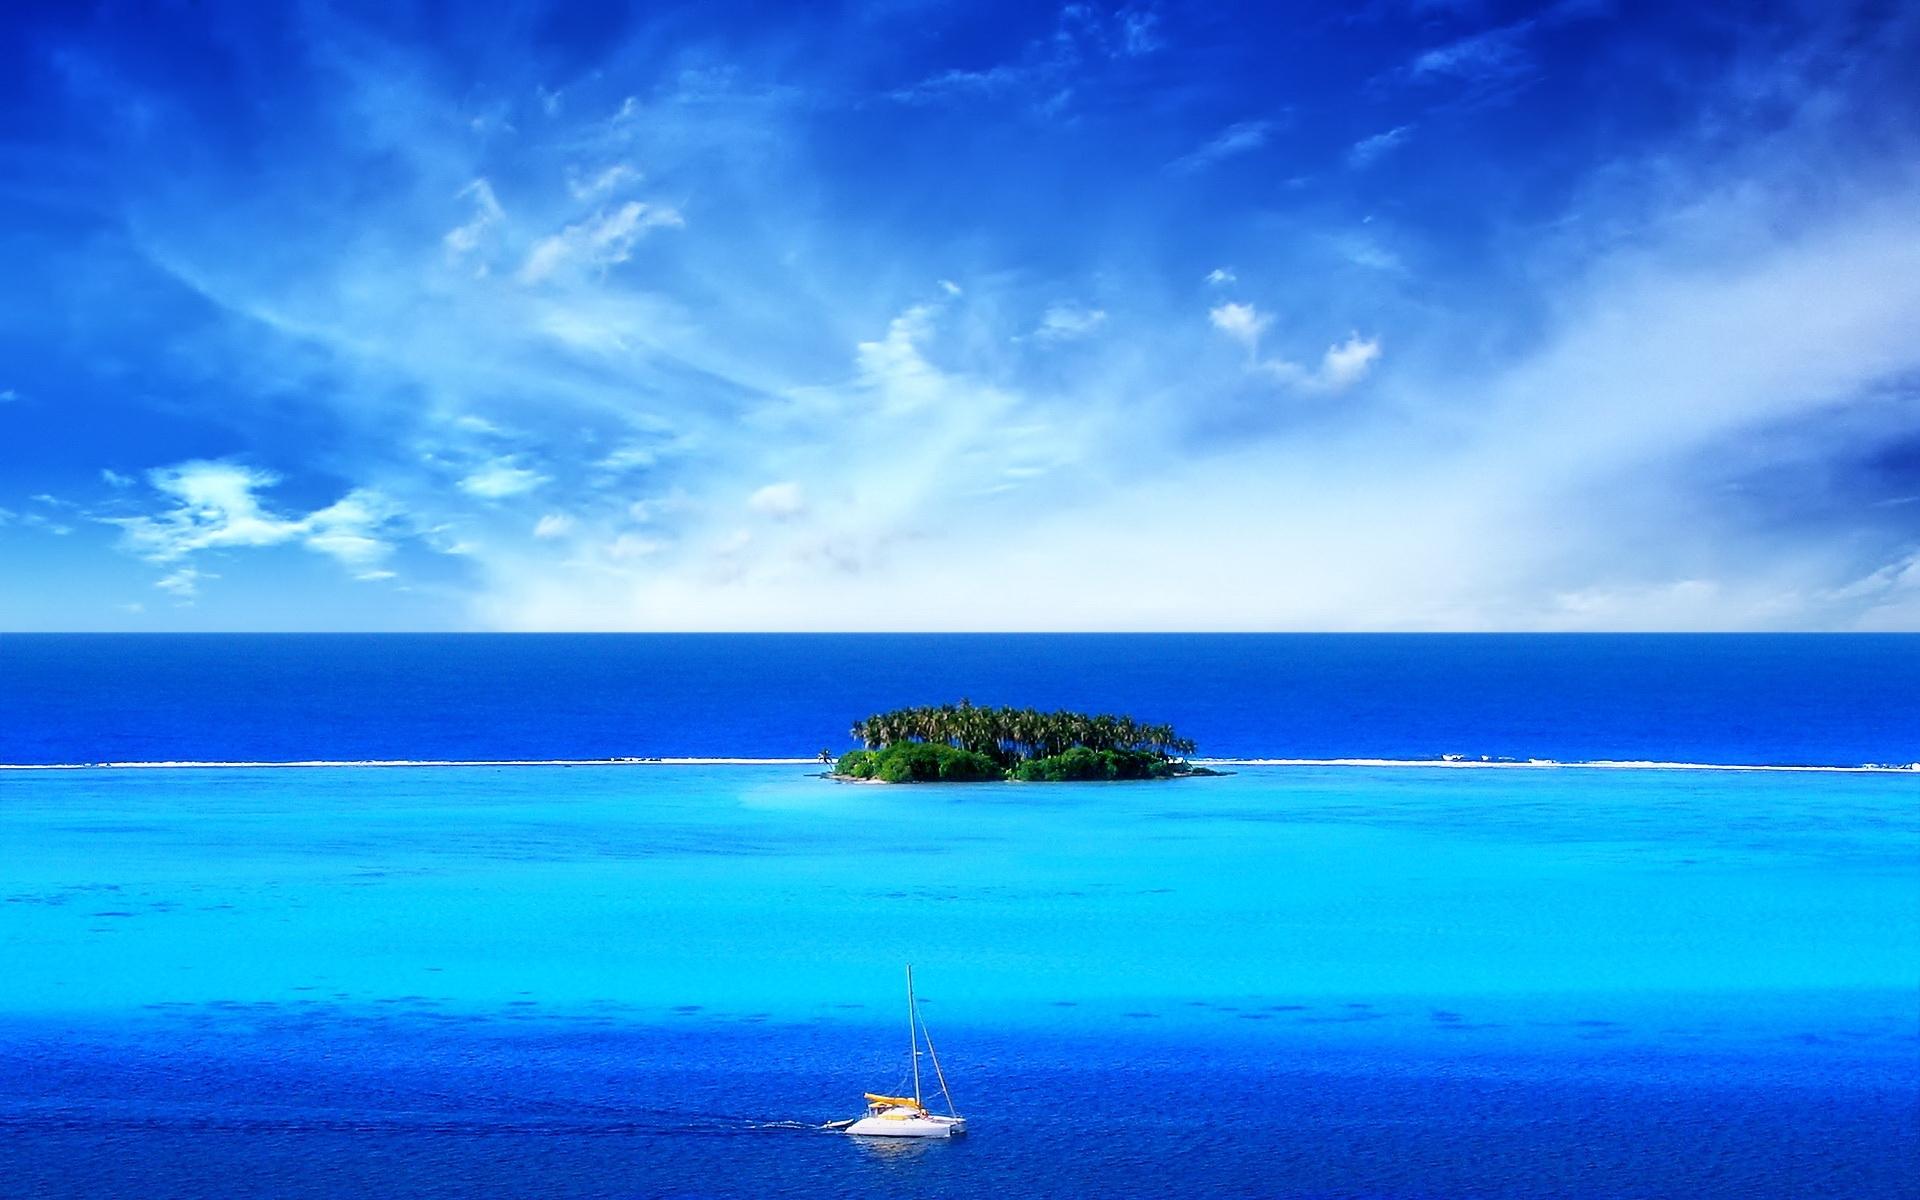 7858 Заставки и Обои Яхты на телефон. Скачать Пейзаж, Природа, Небо, Море, Облака, Яхты картинки бесплатно